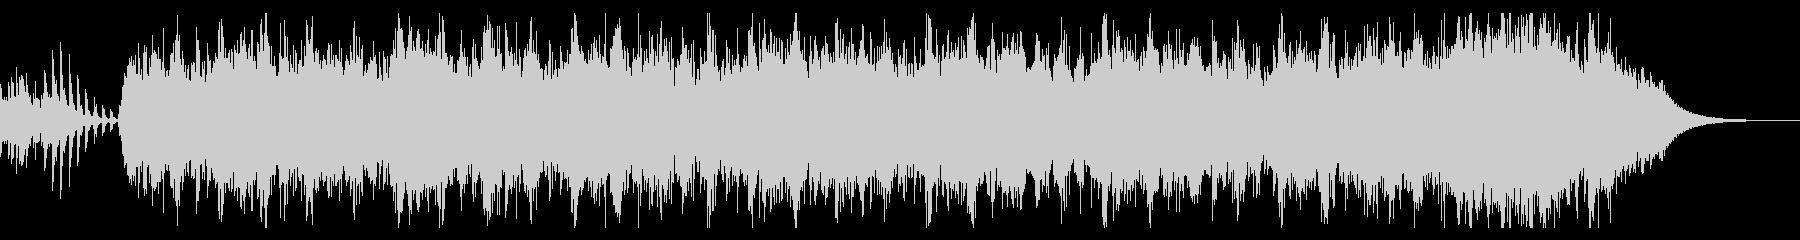 アブストラクトなダークアンビエントの未再生の波形